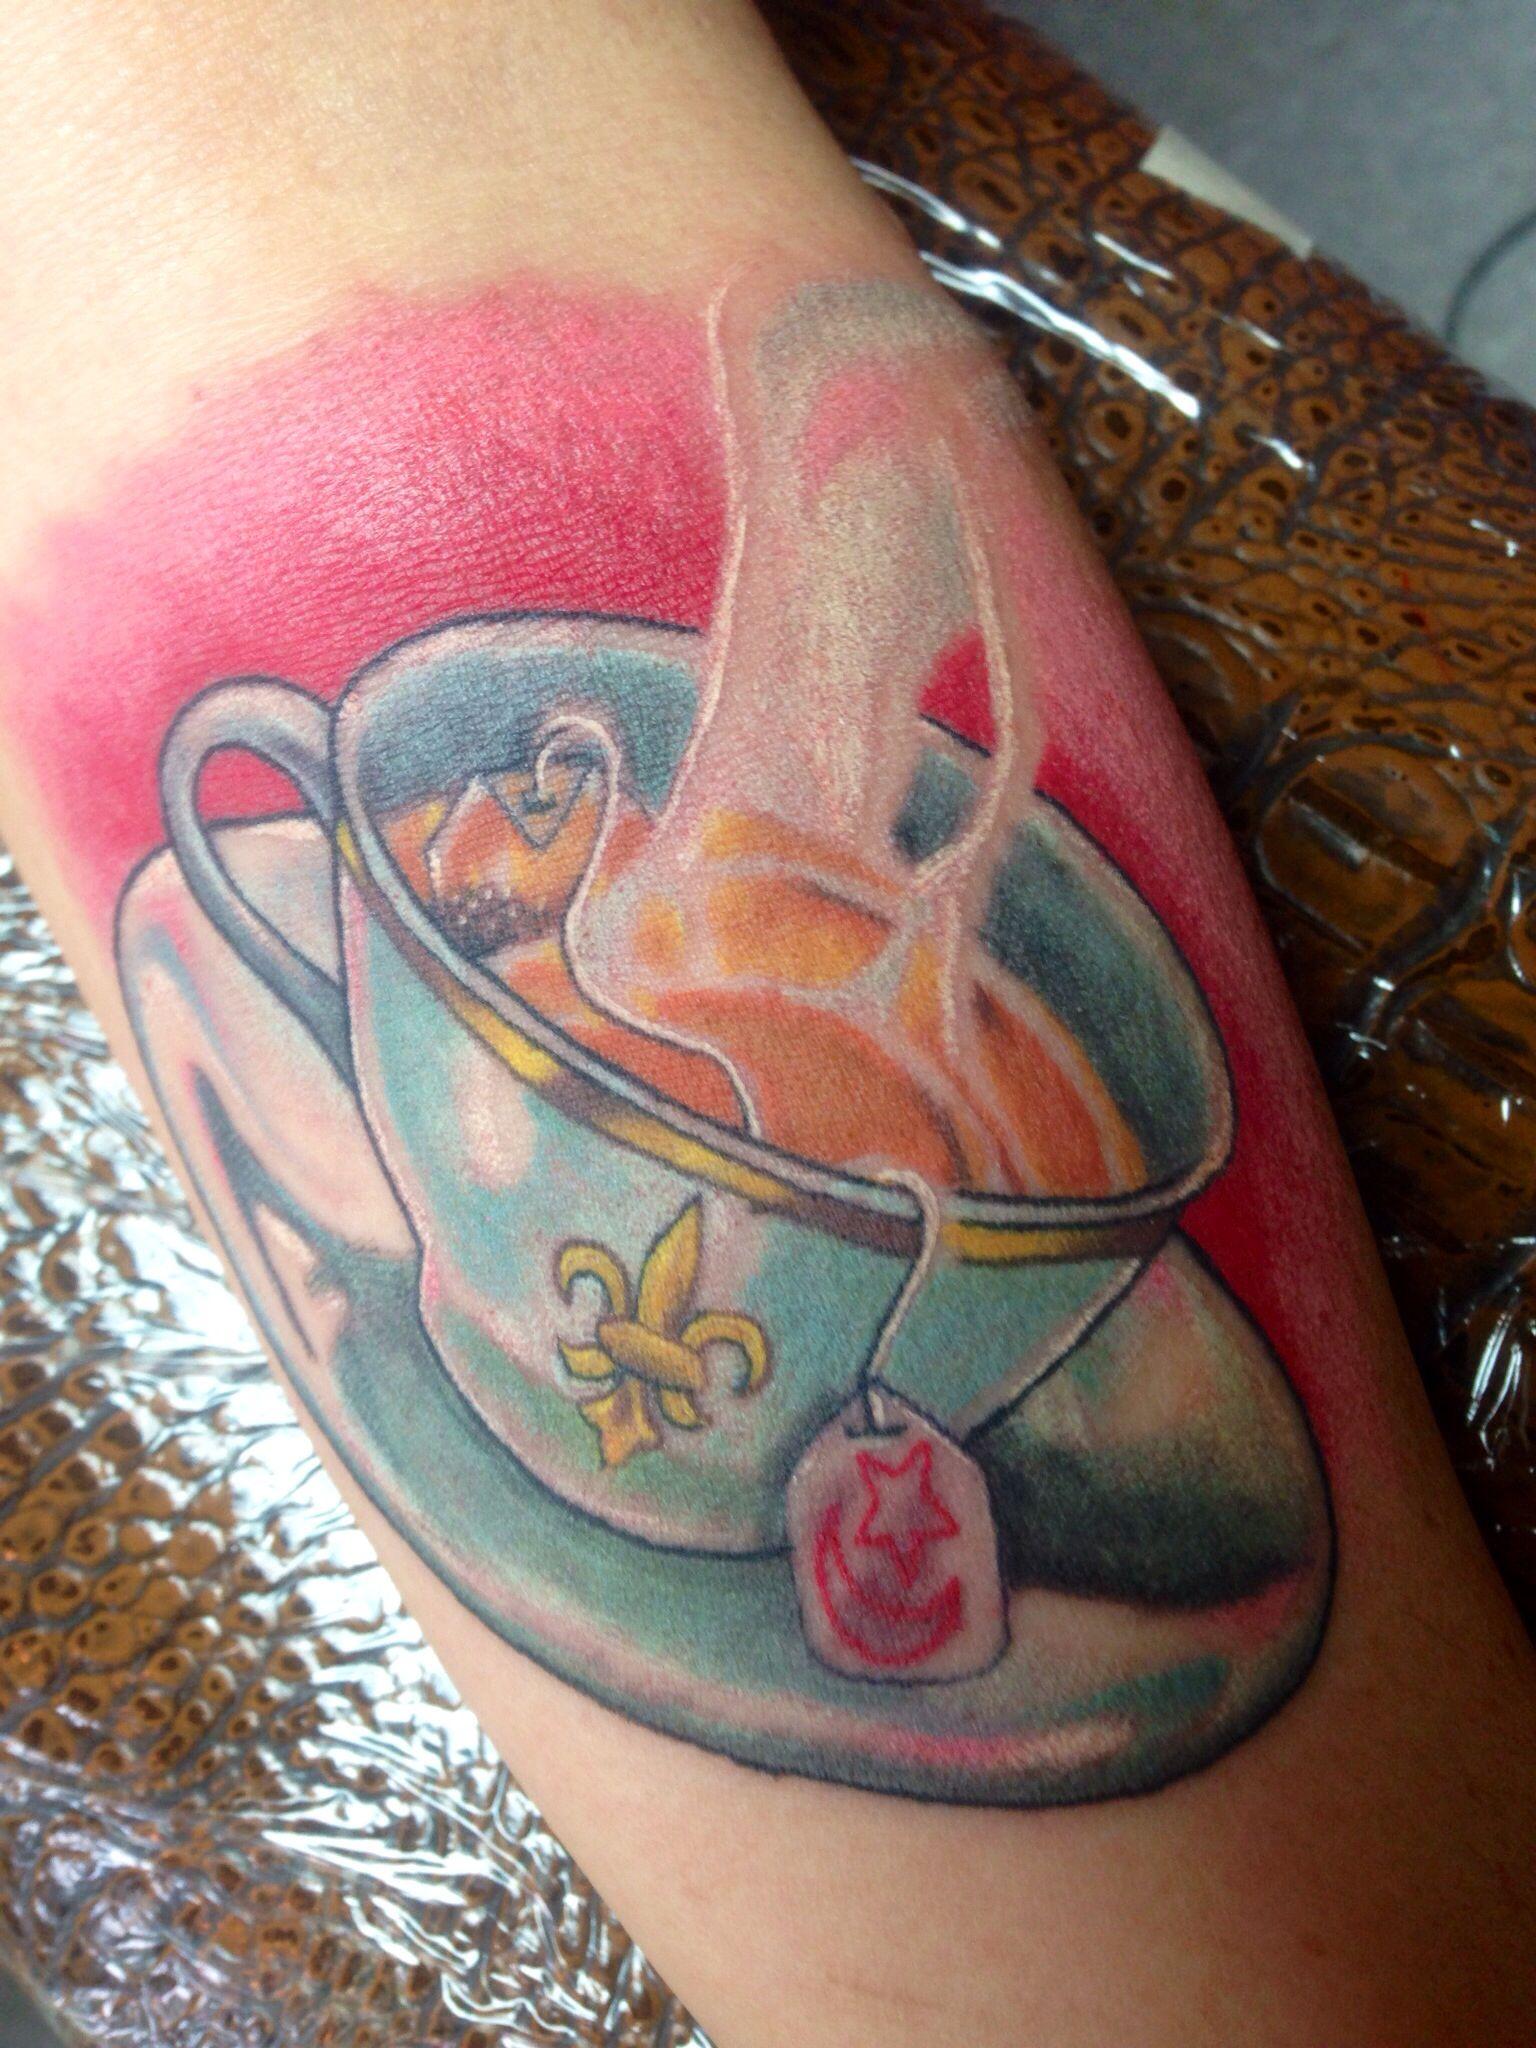 Red Rabbit Tattoo : rabbit, tattoo, Chris, Chavers, Rabbit, Tattoo, Asheville, #teacup, #teacuptattoo, #colorrealism, Teacup, Tattoo,, Tattoos,, Tattoos